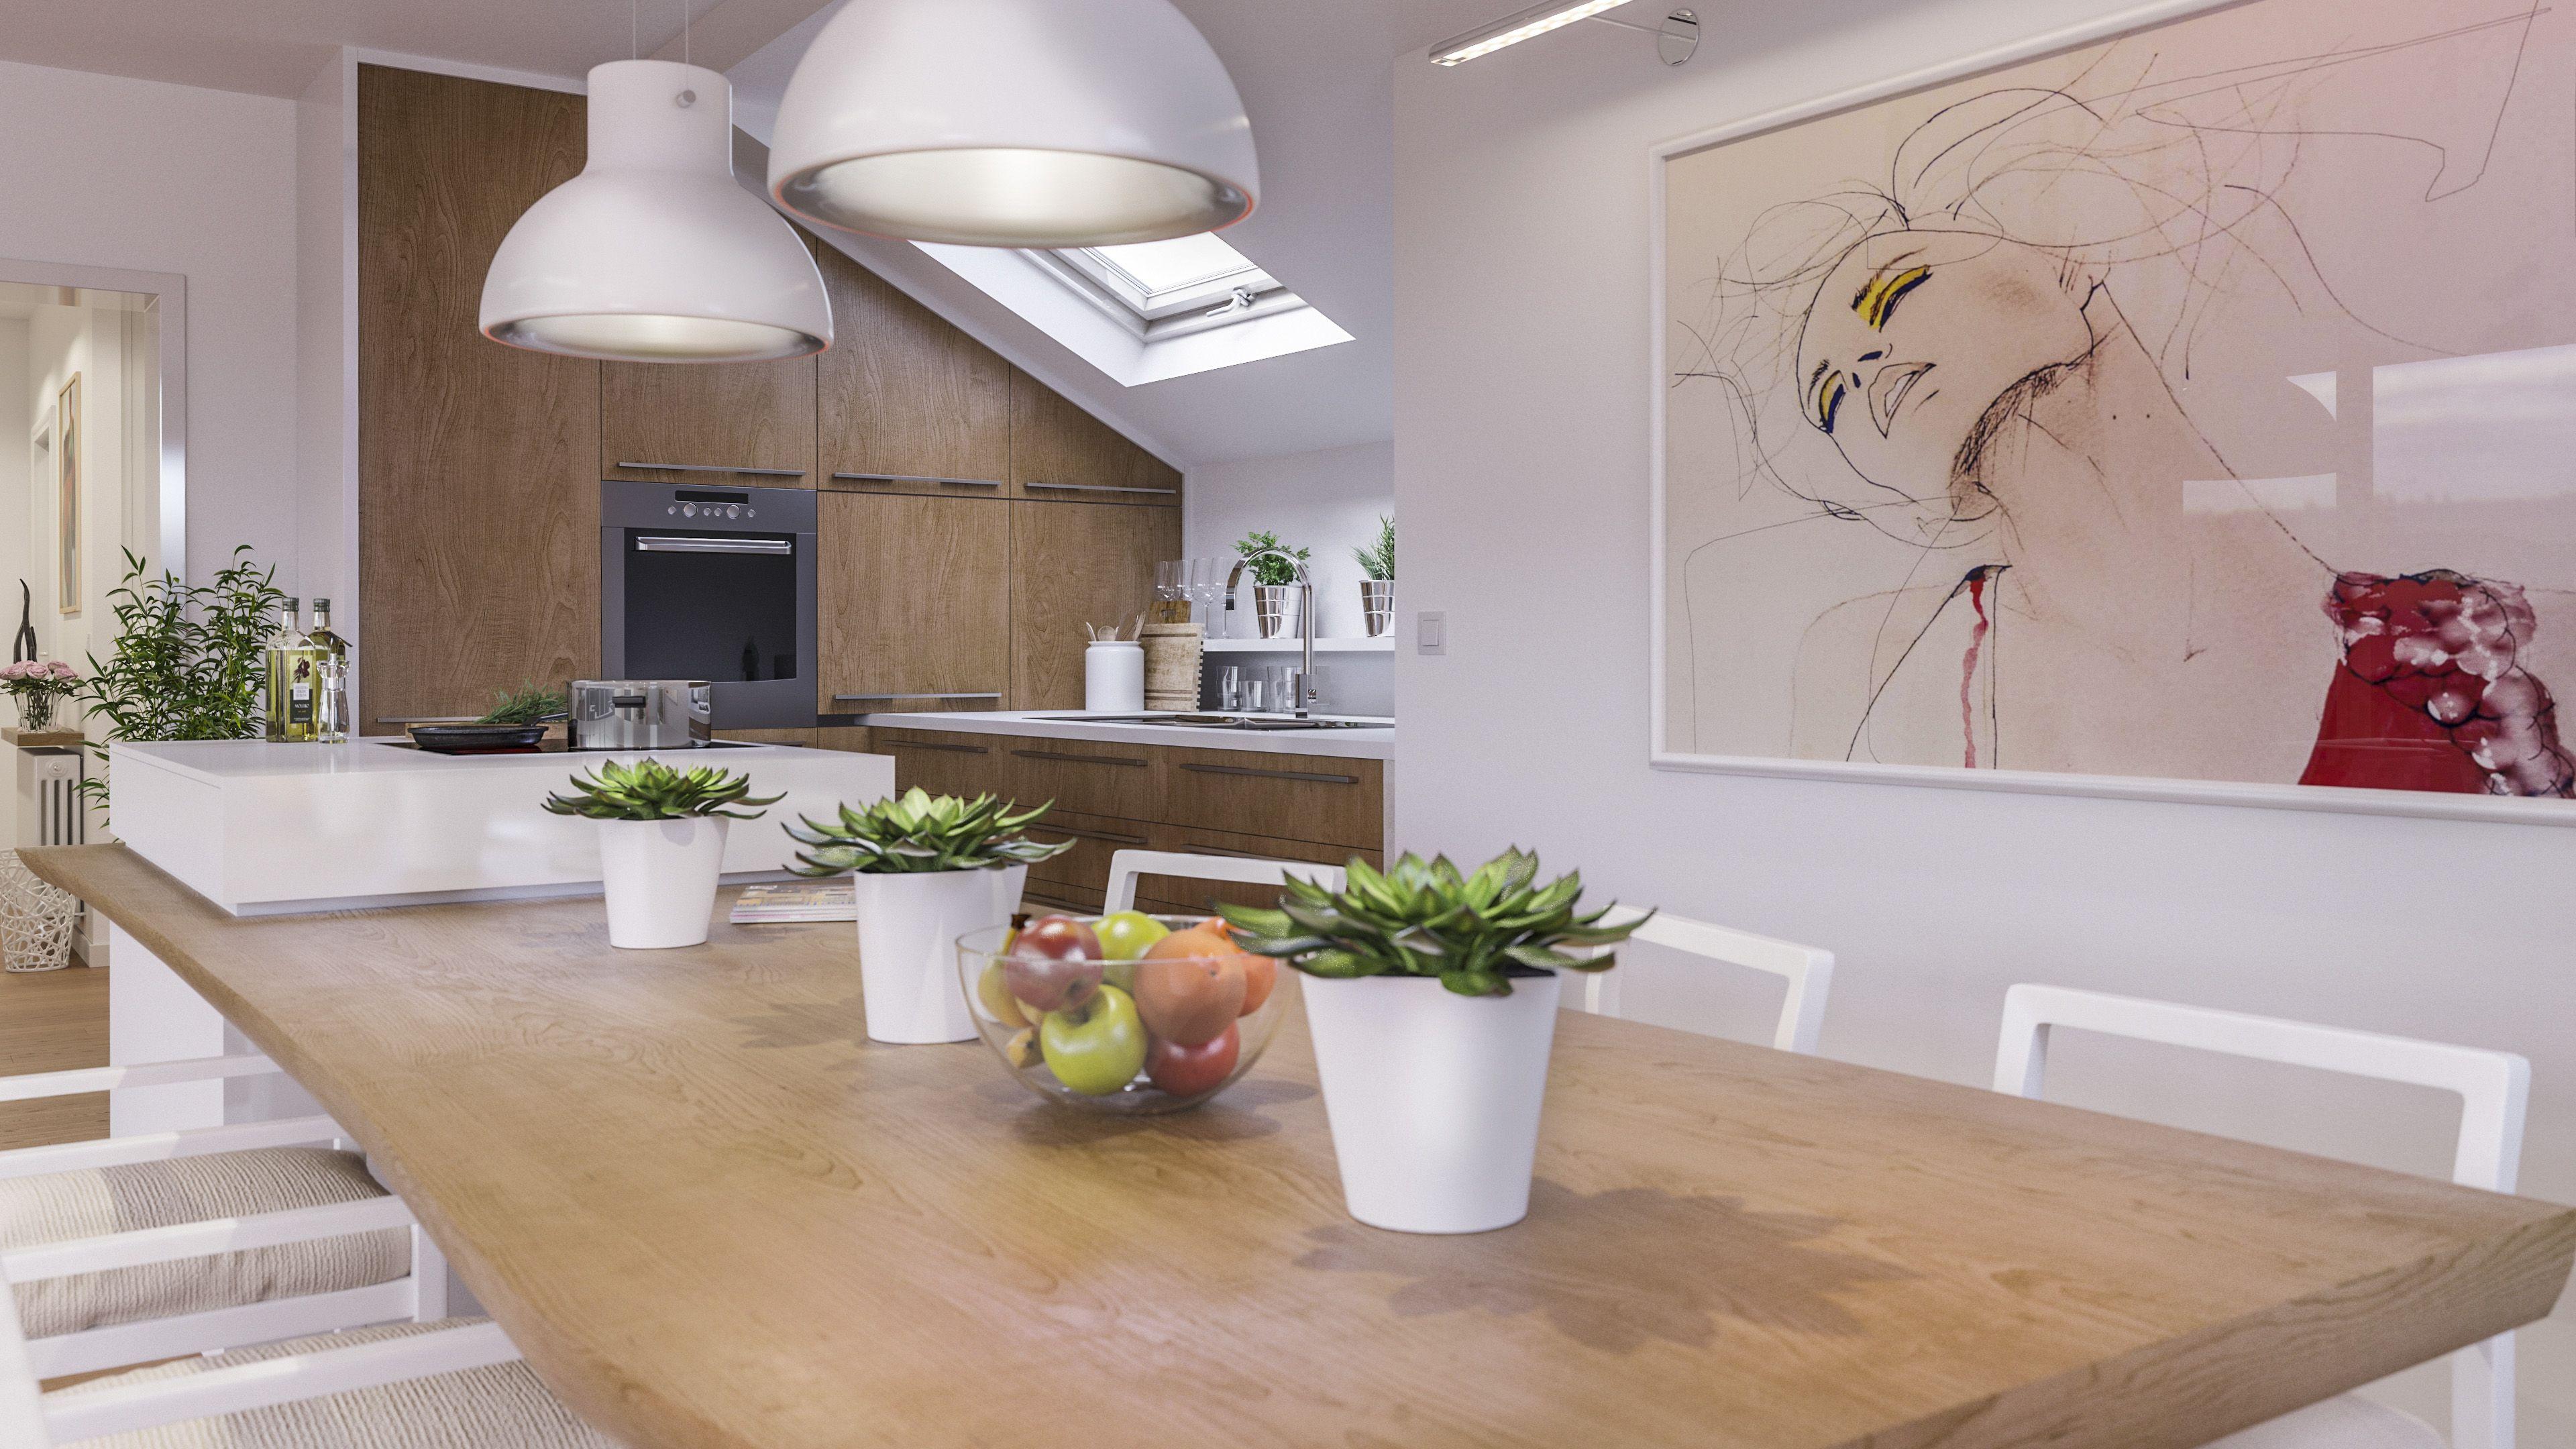 Best Neugestaltung Umplanung einer K che in einer exklusiven Wohnung mit Rheinblick in D sseldorf Benrath D